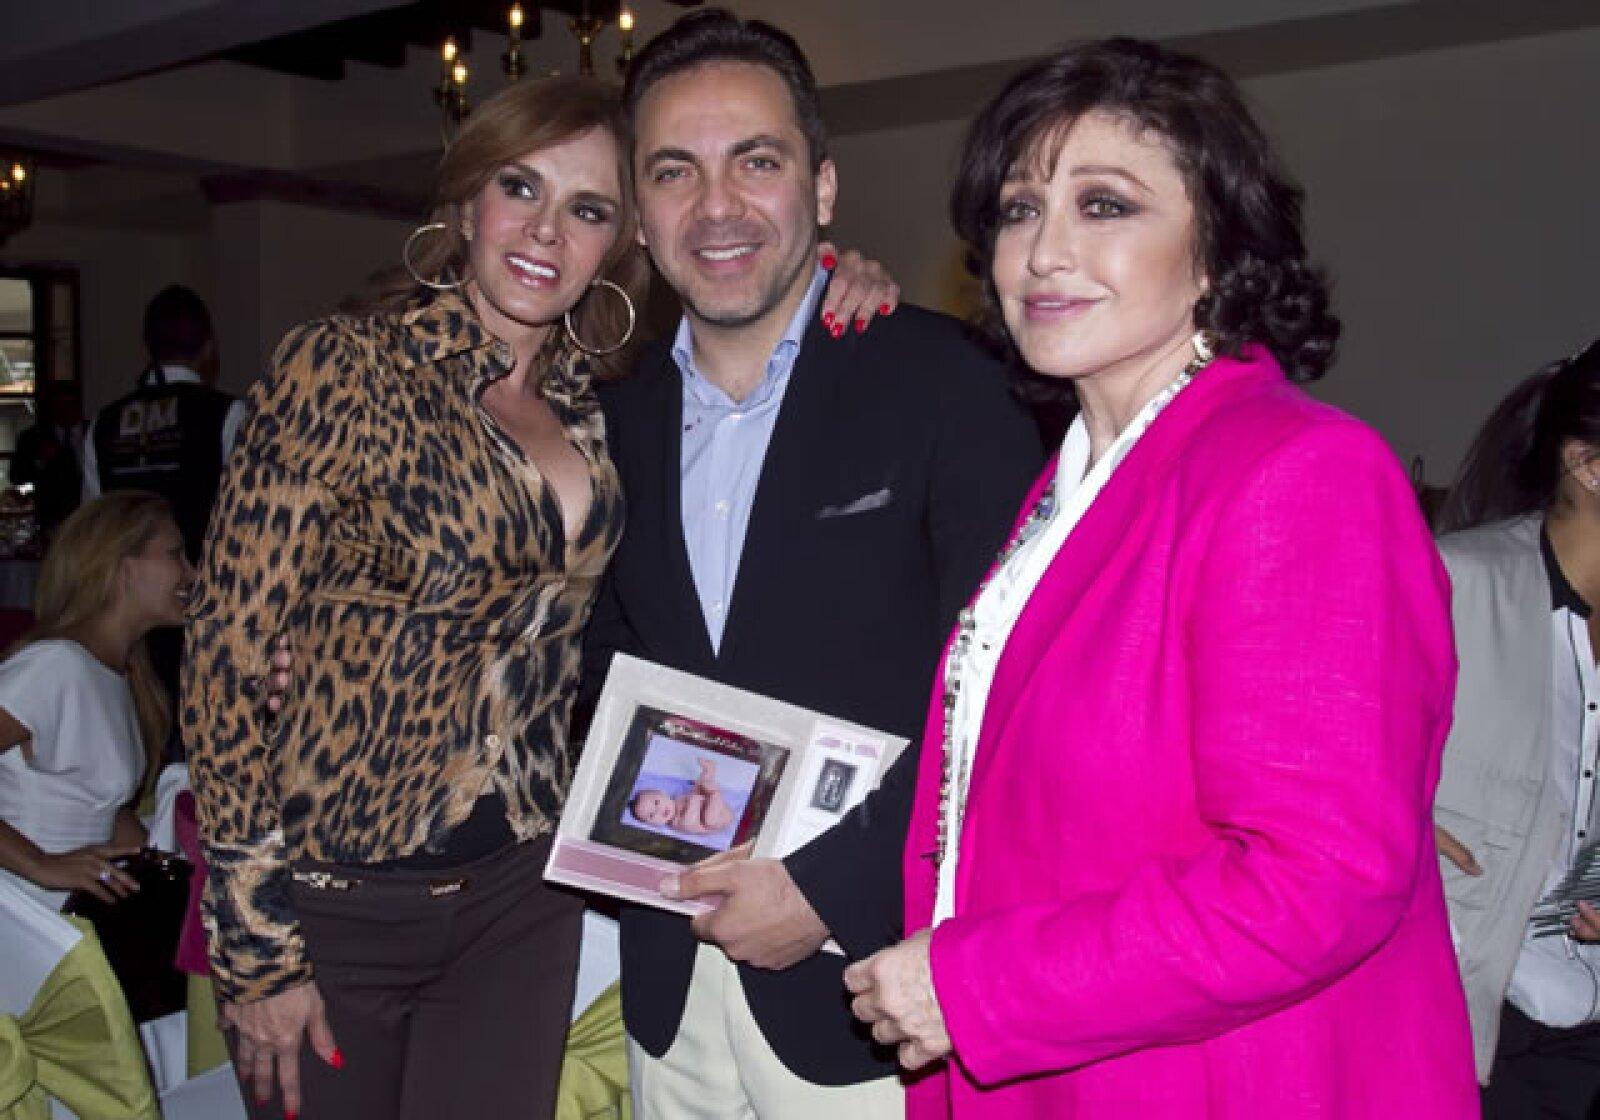 Lucía Méndez y Angélica María aprovecharon para tomarse una foto con Cristian.